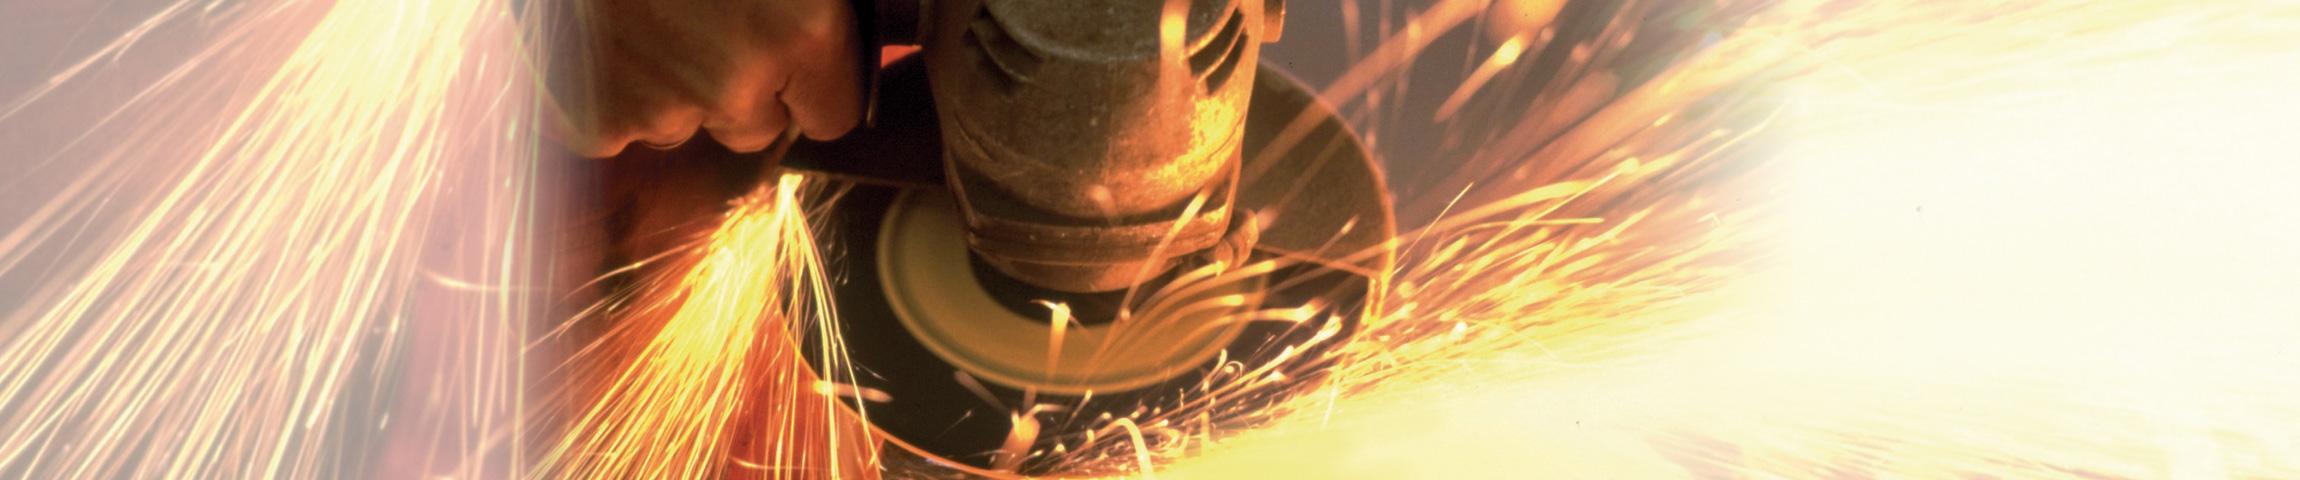 Schleifgitter rund